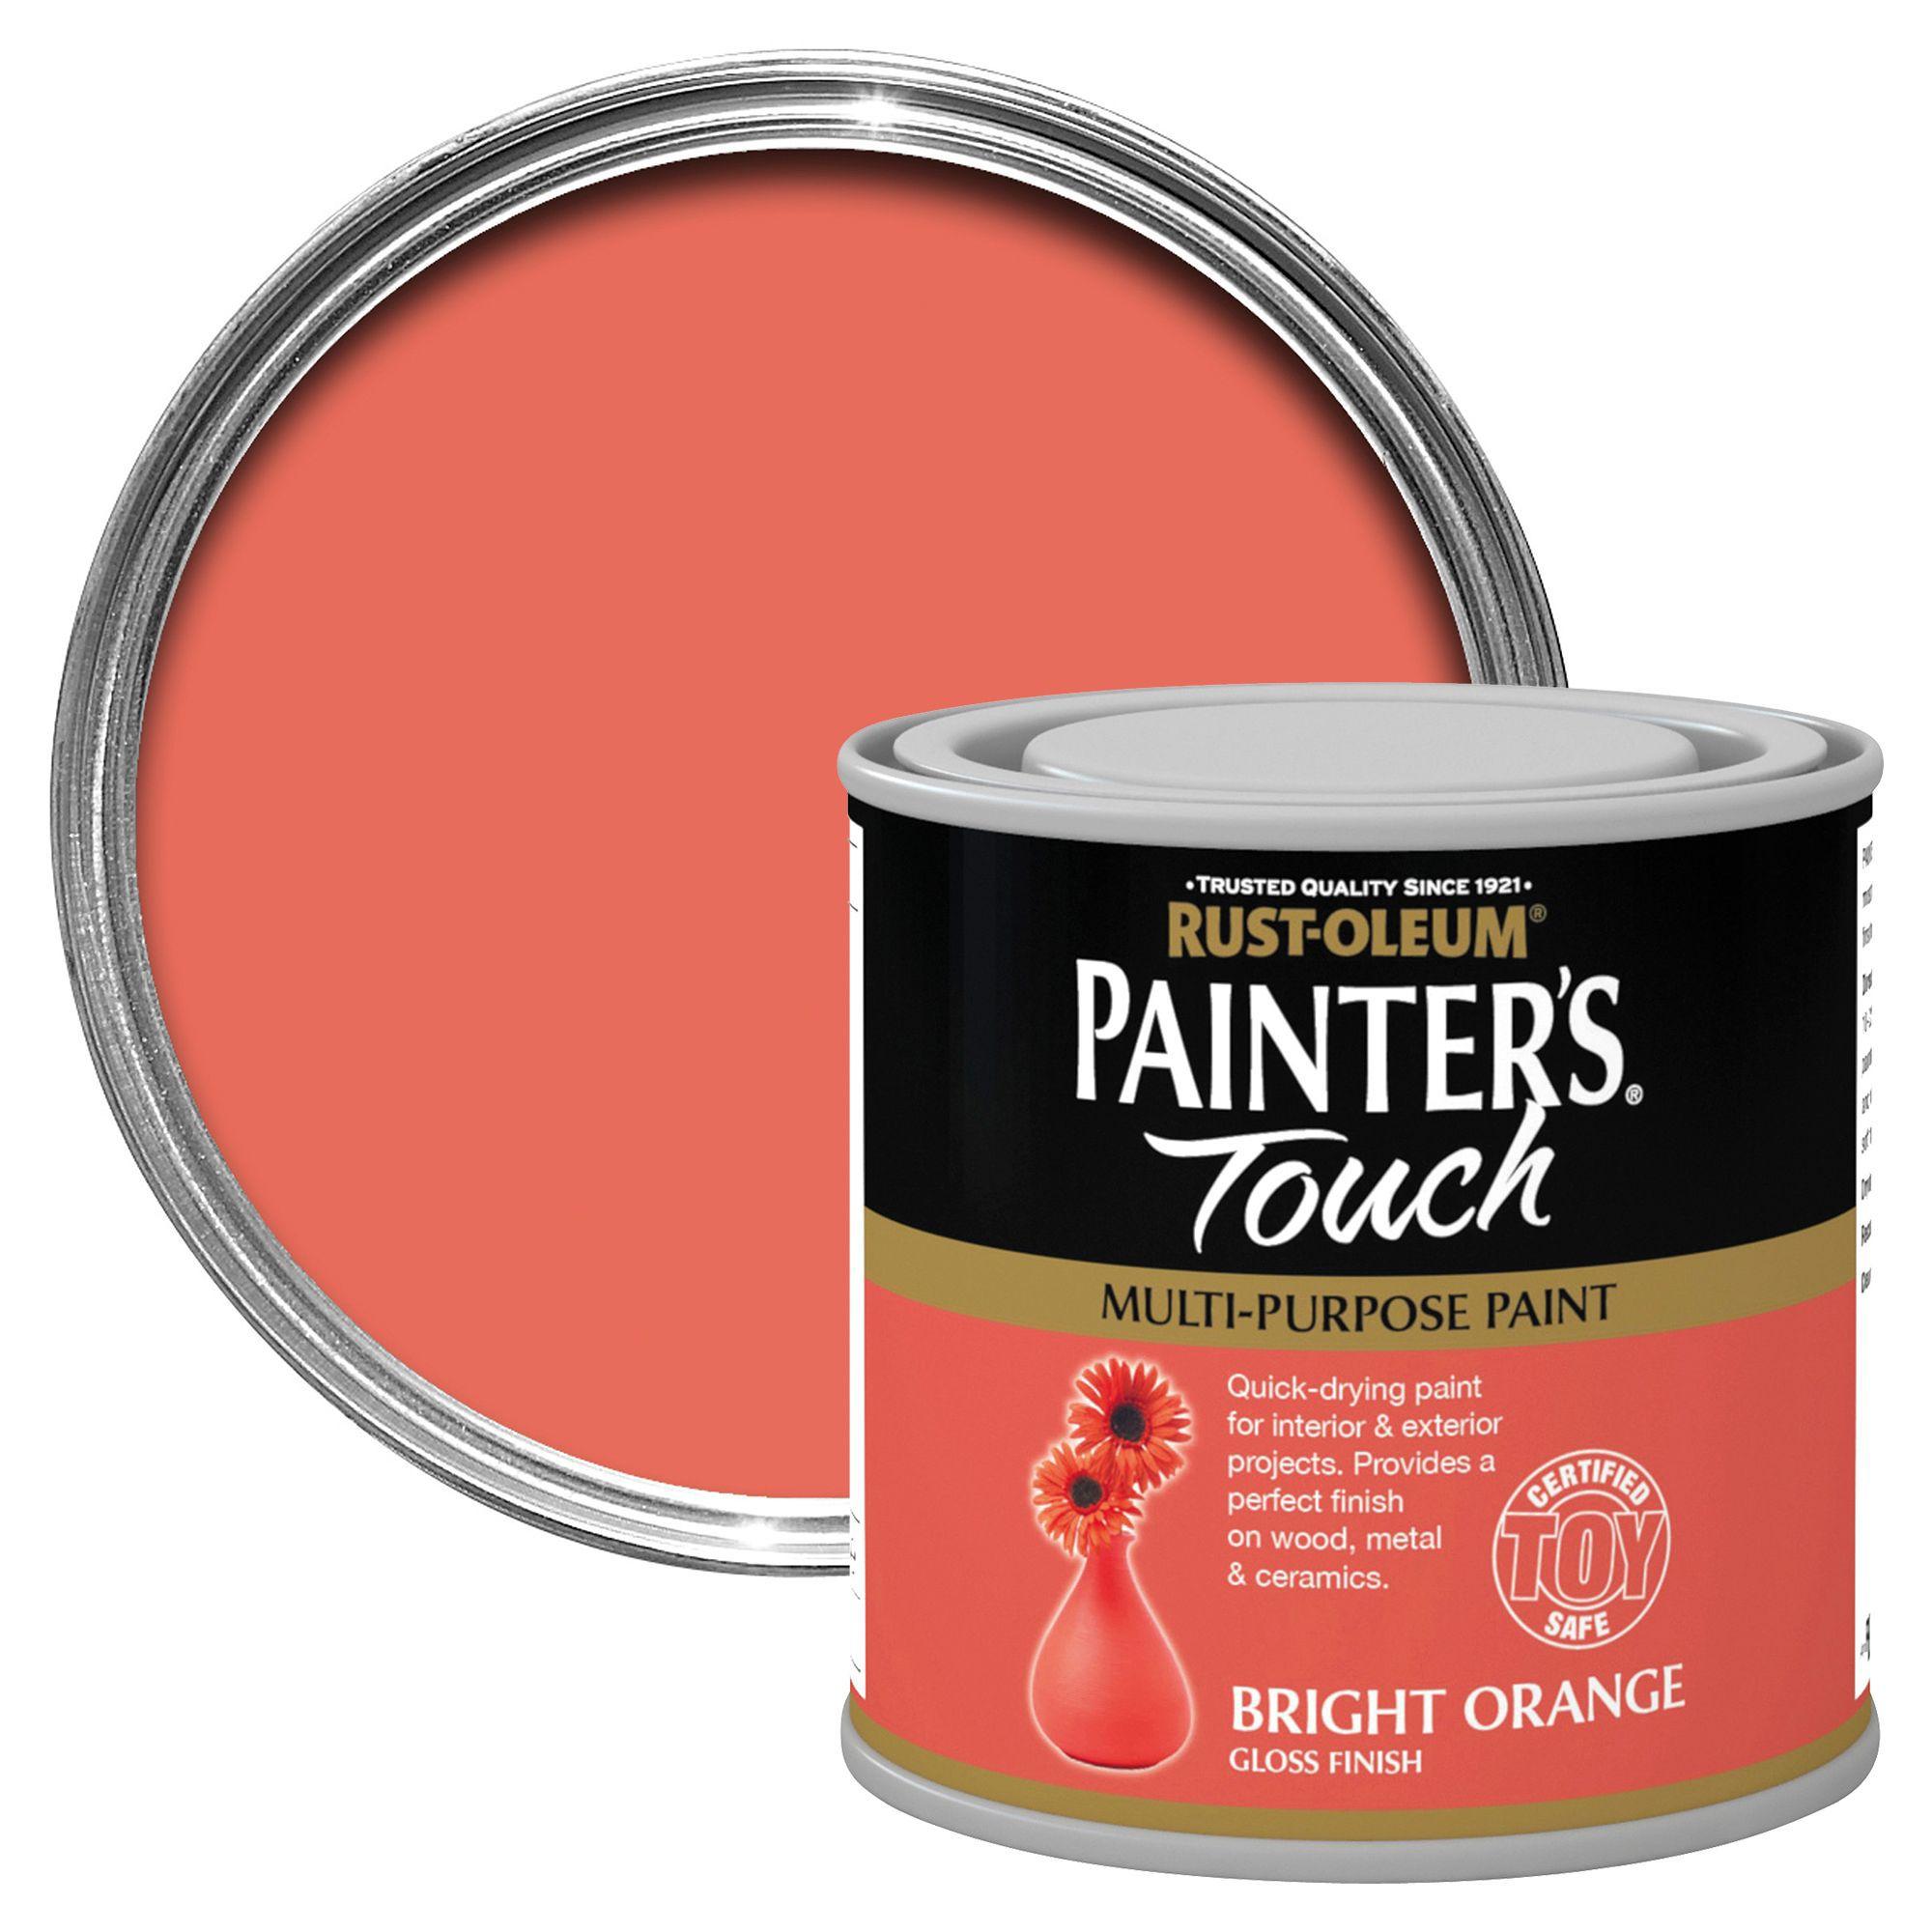 Rust-oleum Painter's Touch Interior & Exterior Bright Orange Gloss Multipurpose Paint 250ml